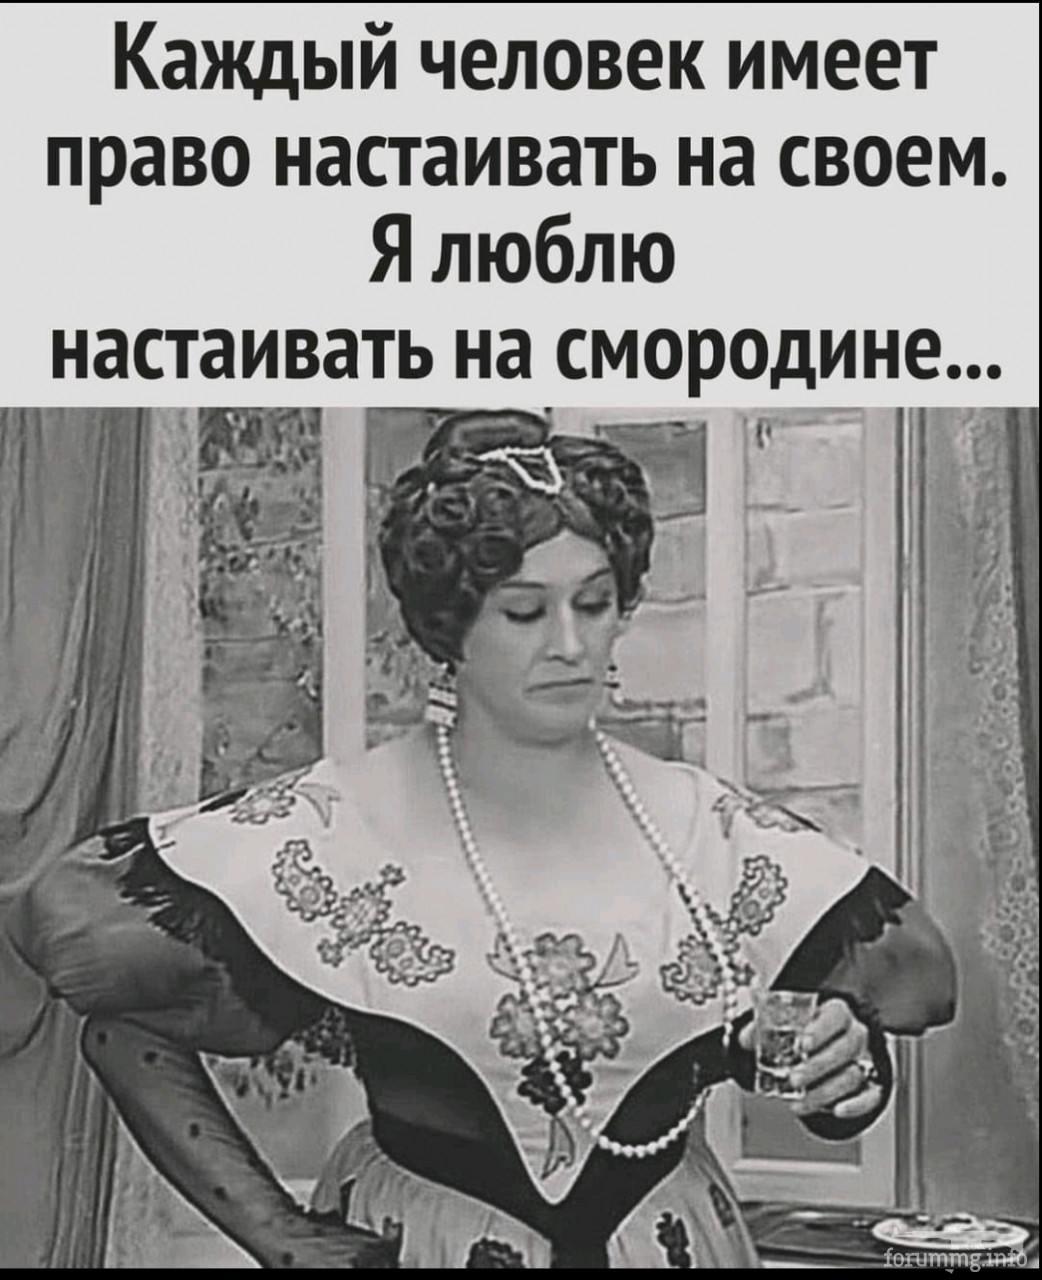 134790 - Пить или не пить? - пятничная алкогольная тема )))